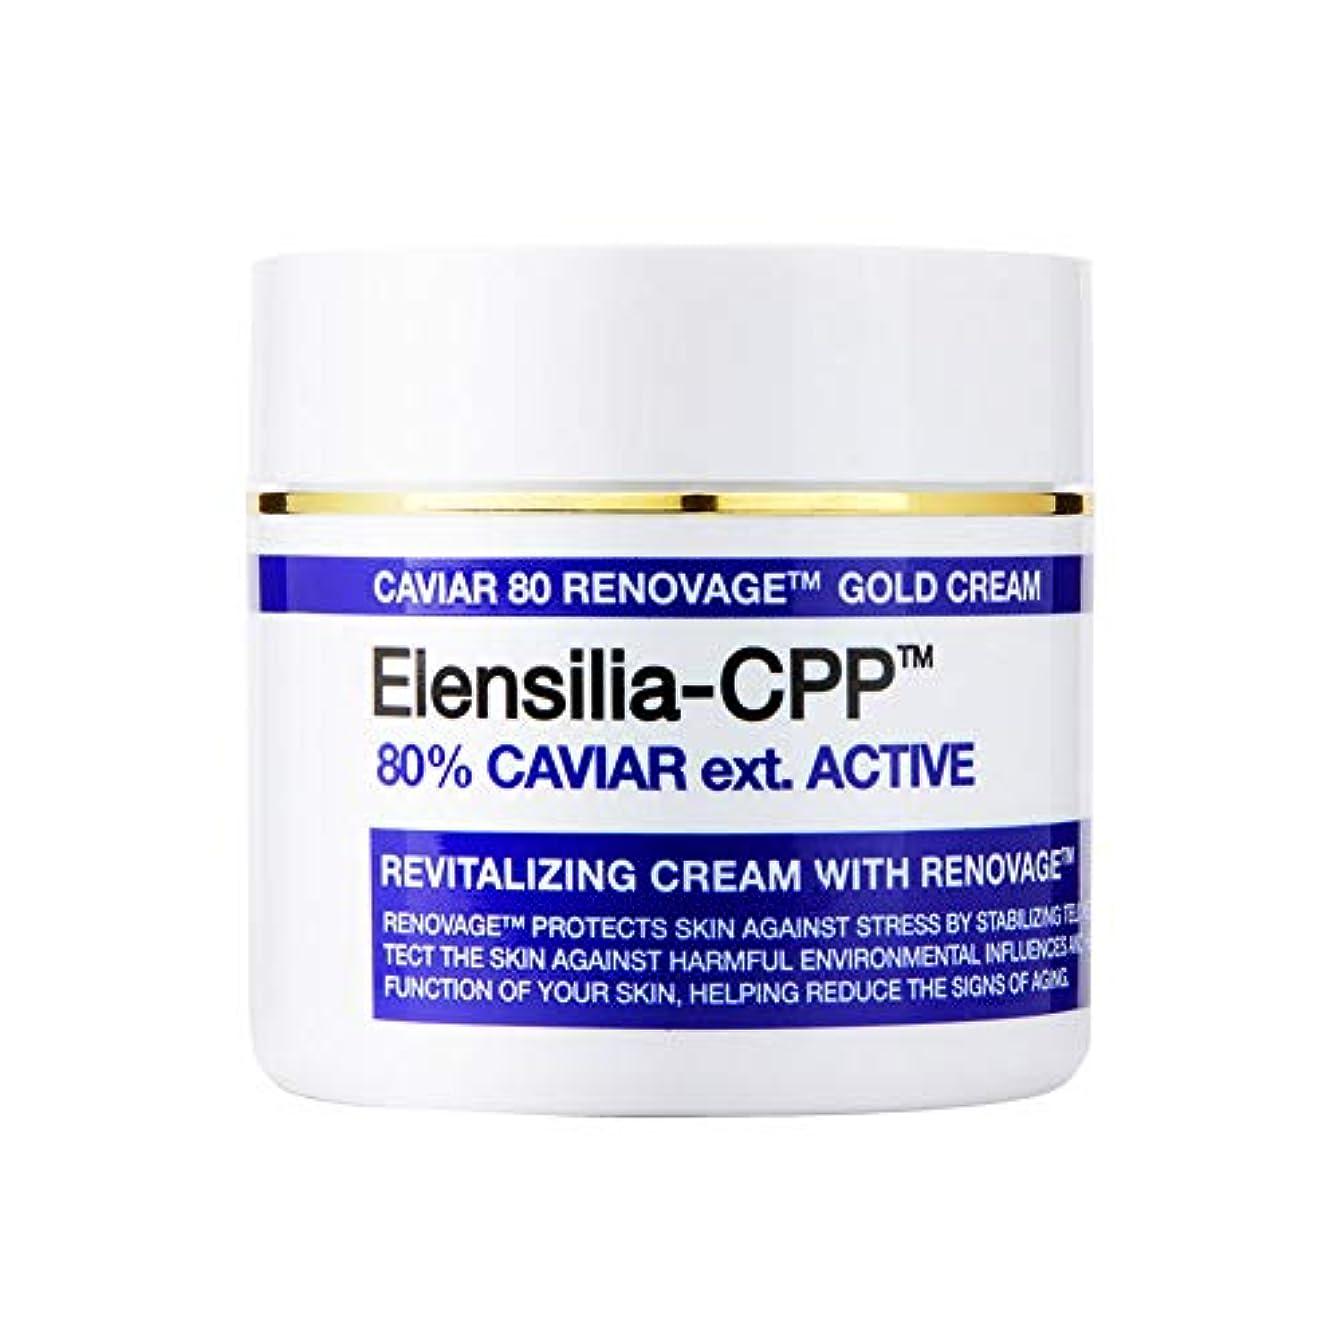 ほこりっぽいフォーラム株式エルレンシルラElensilia 韓国コスメ キャビア80ゴールドクリーム50g 海外直送品 CPP Caviar 80 Renovage Gold Cream [並行輸入品]